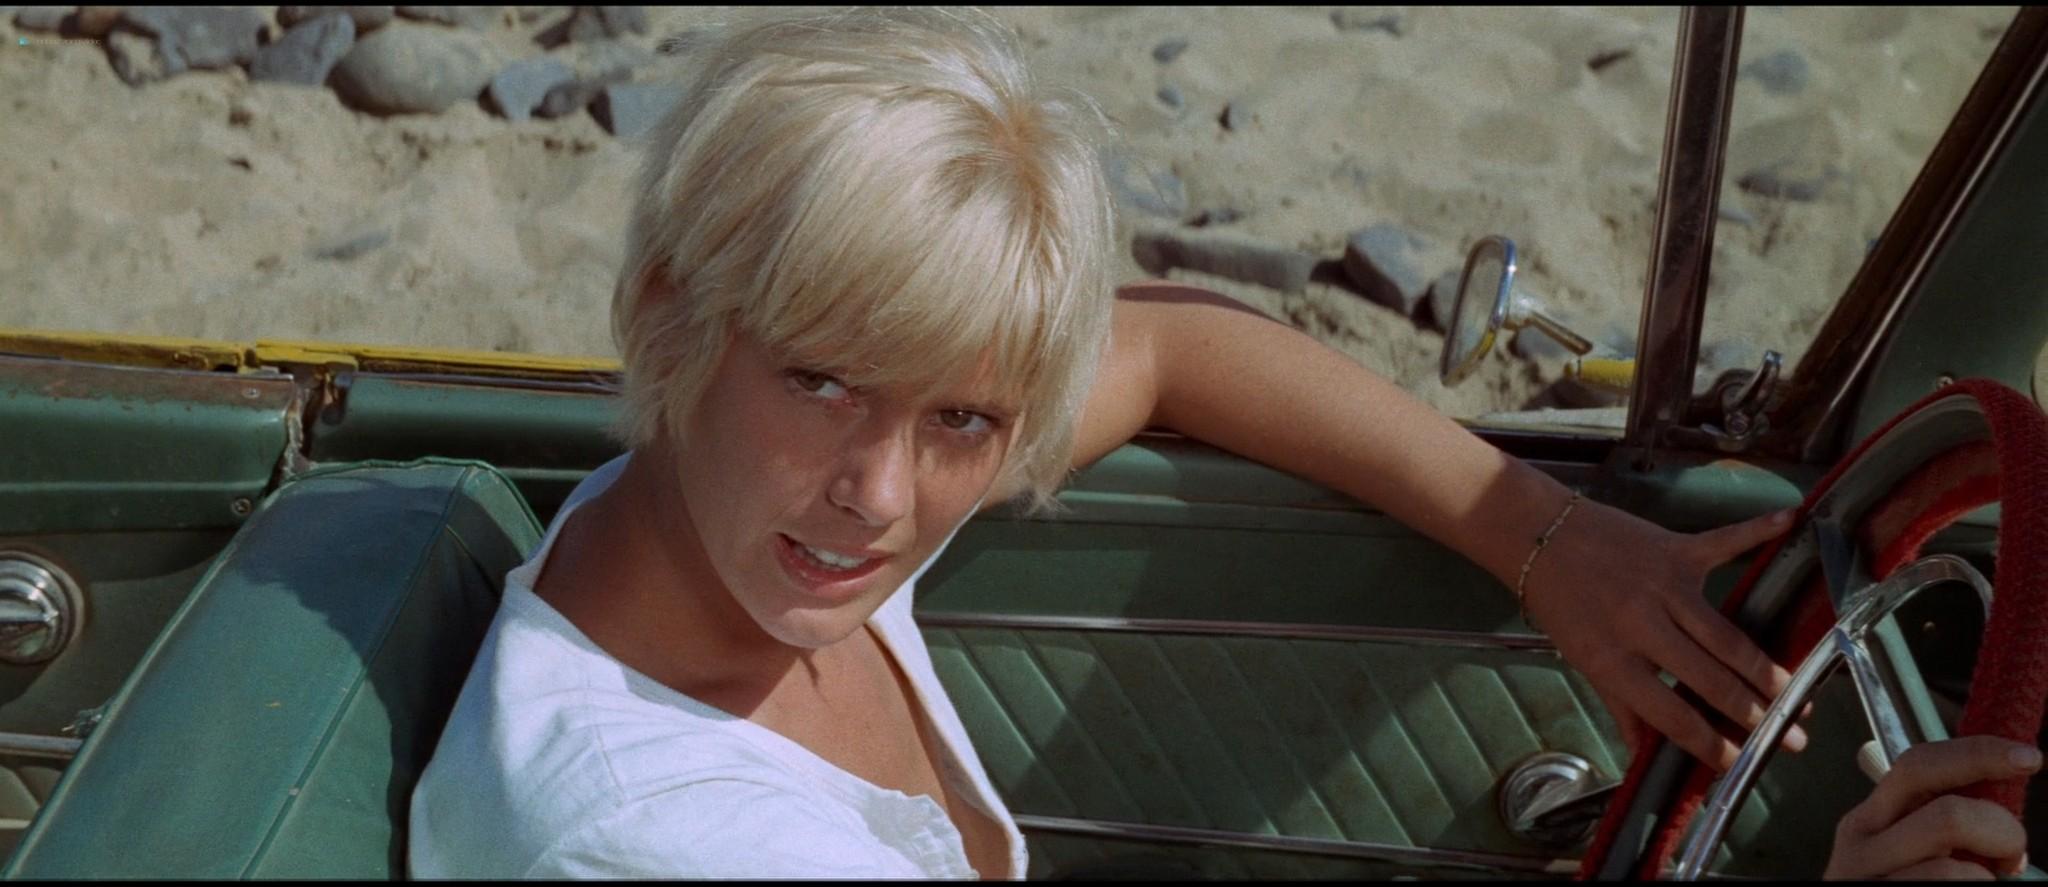 Mimsy Farmer nude full frontal - La Route de Salina (1970) HD 1080p Bluray (18)